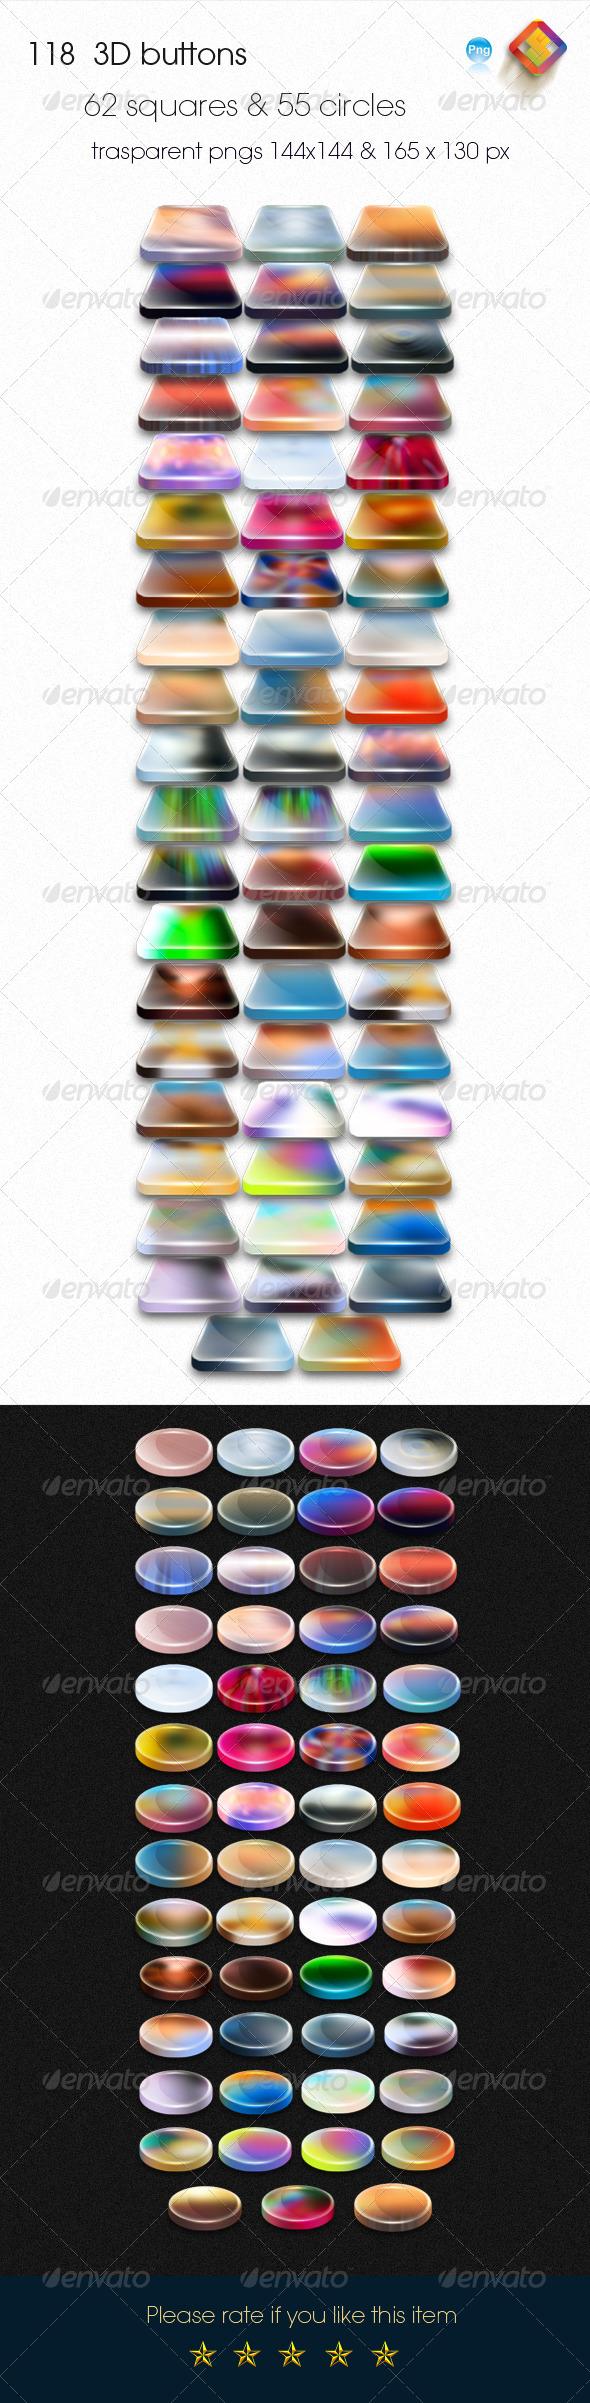 118 Colorful 3D Buttons - Buttons Web Elements